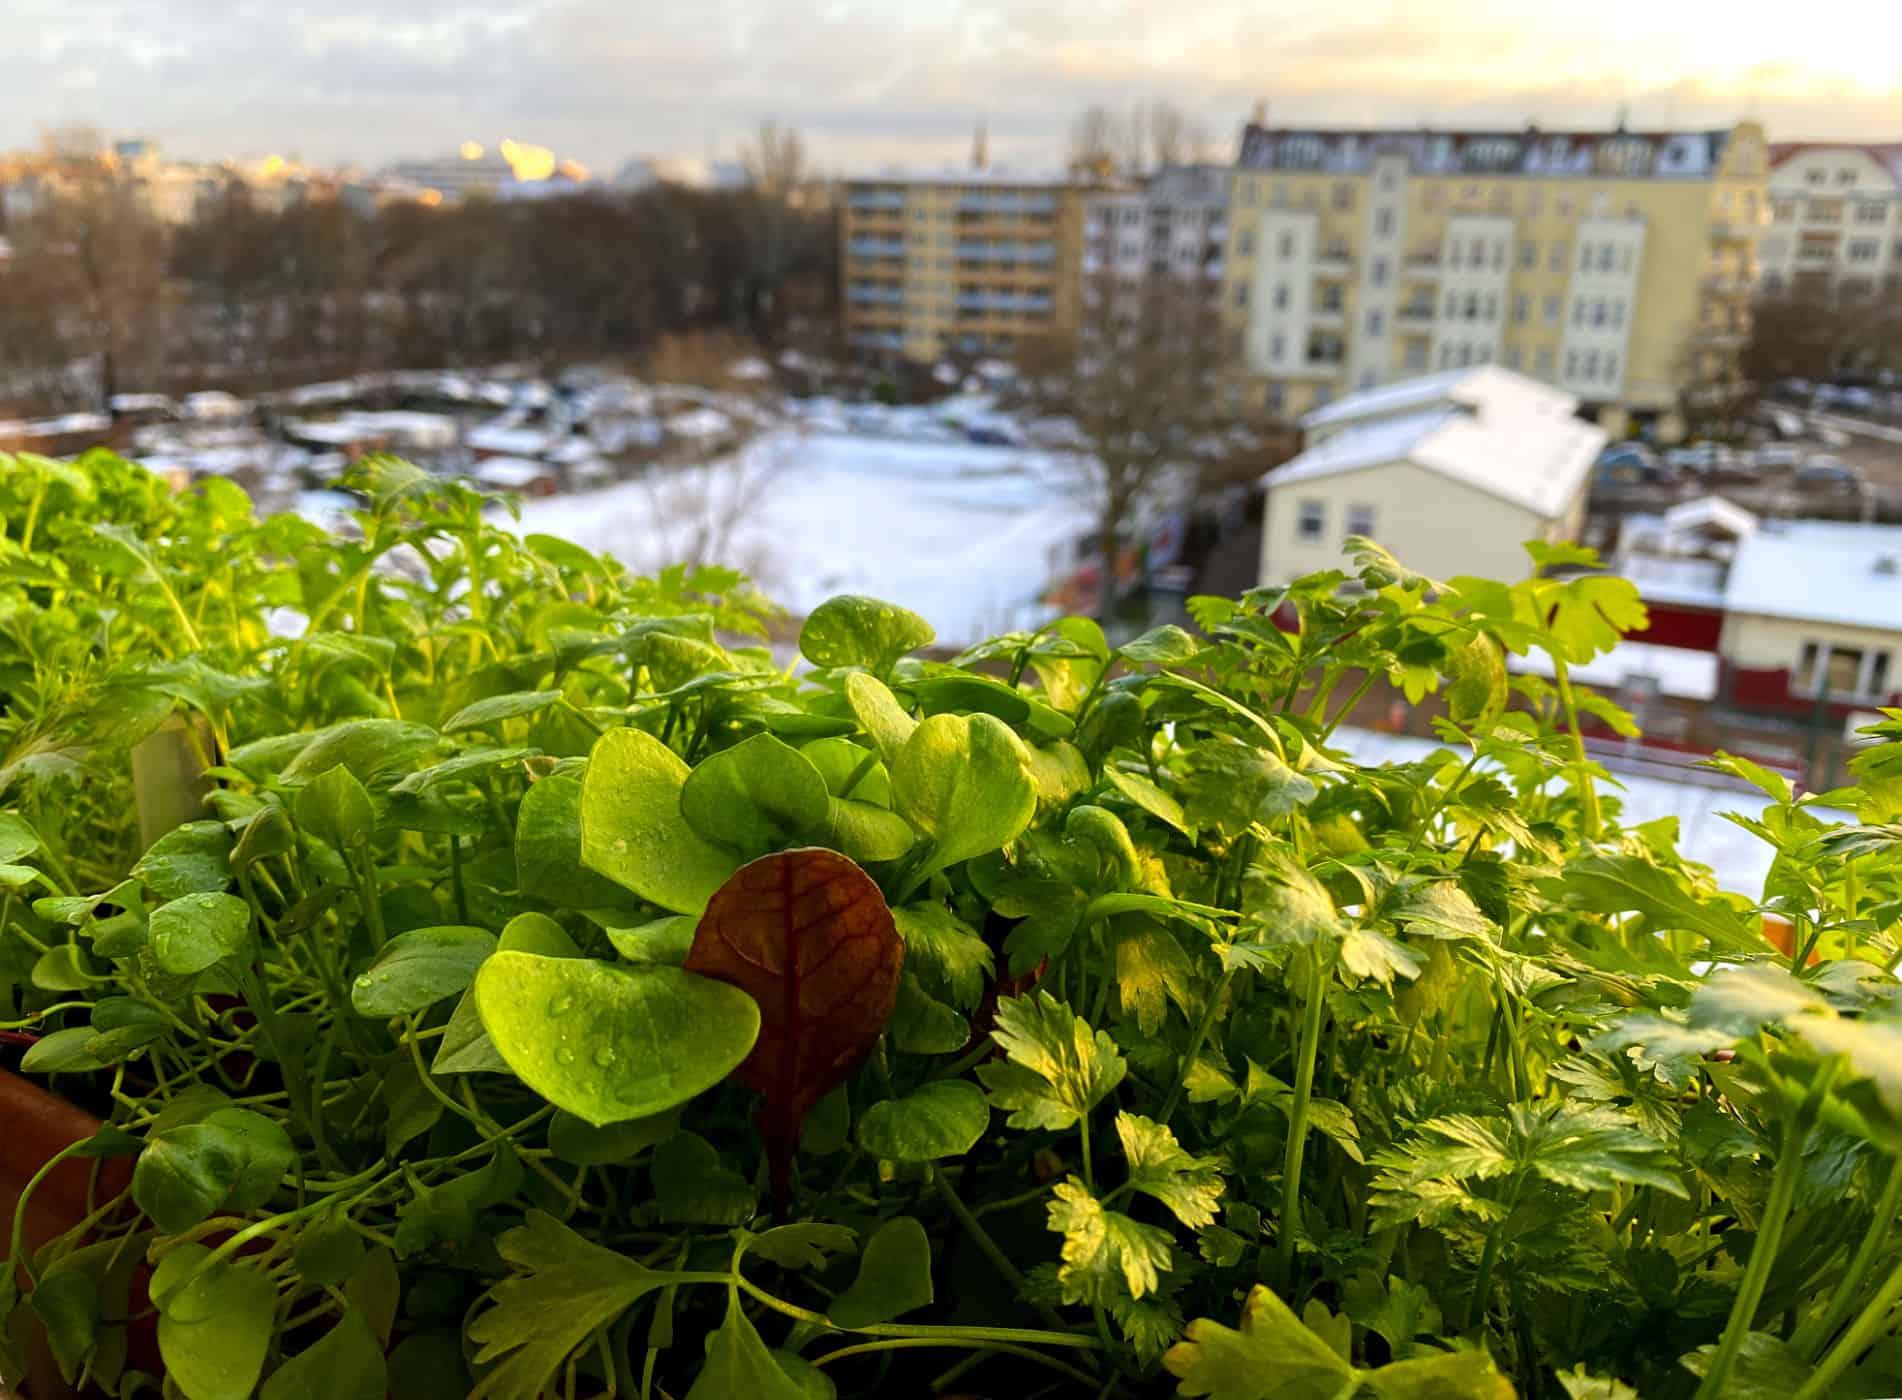 Balkonkasten mit Wintergemüse auf dem Fensterbrett Asia-Salat Mizuna, Winterpostelein, Stielmangold, Schnittsellerie.